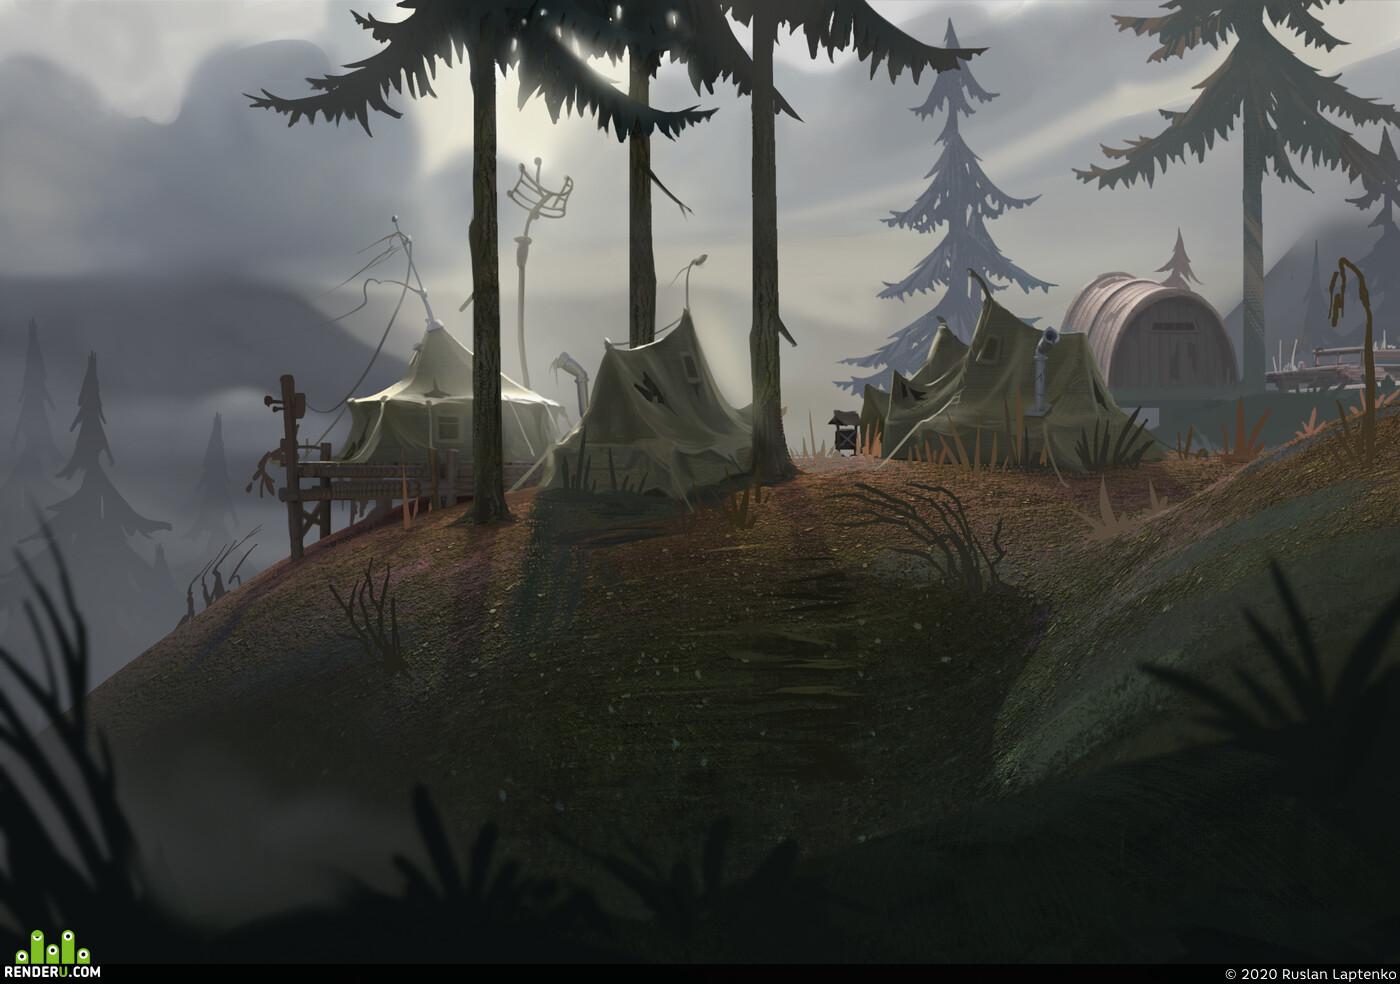 Концепт Арт, полевой лагерь, палатки, заброшенный лагерь